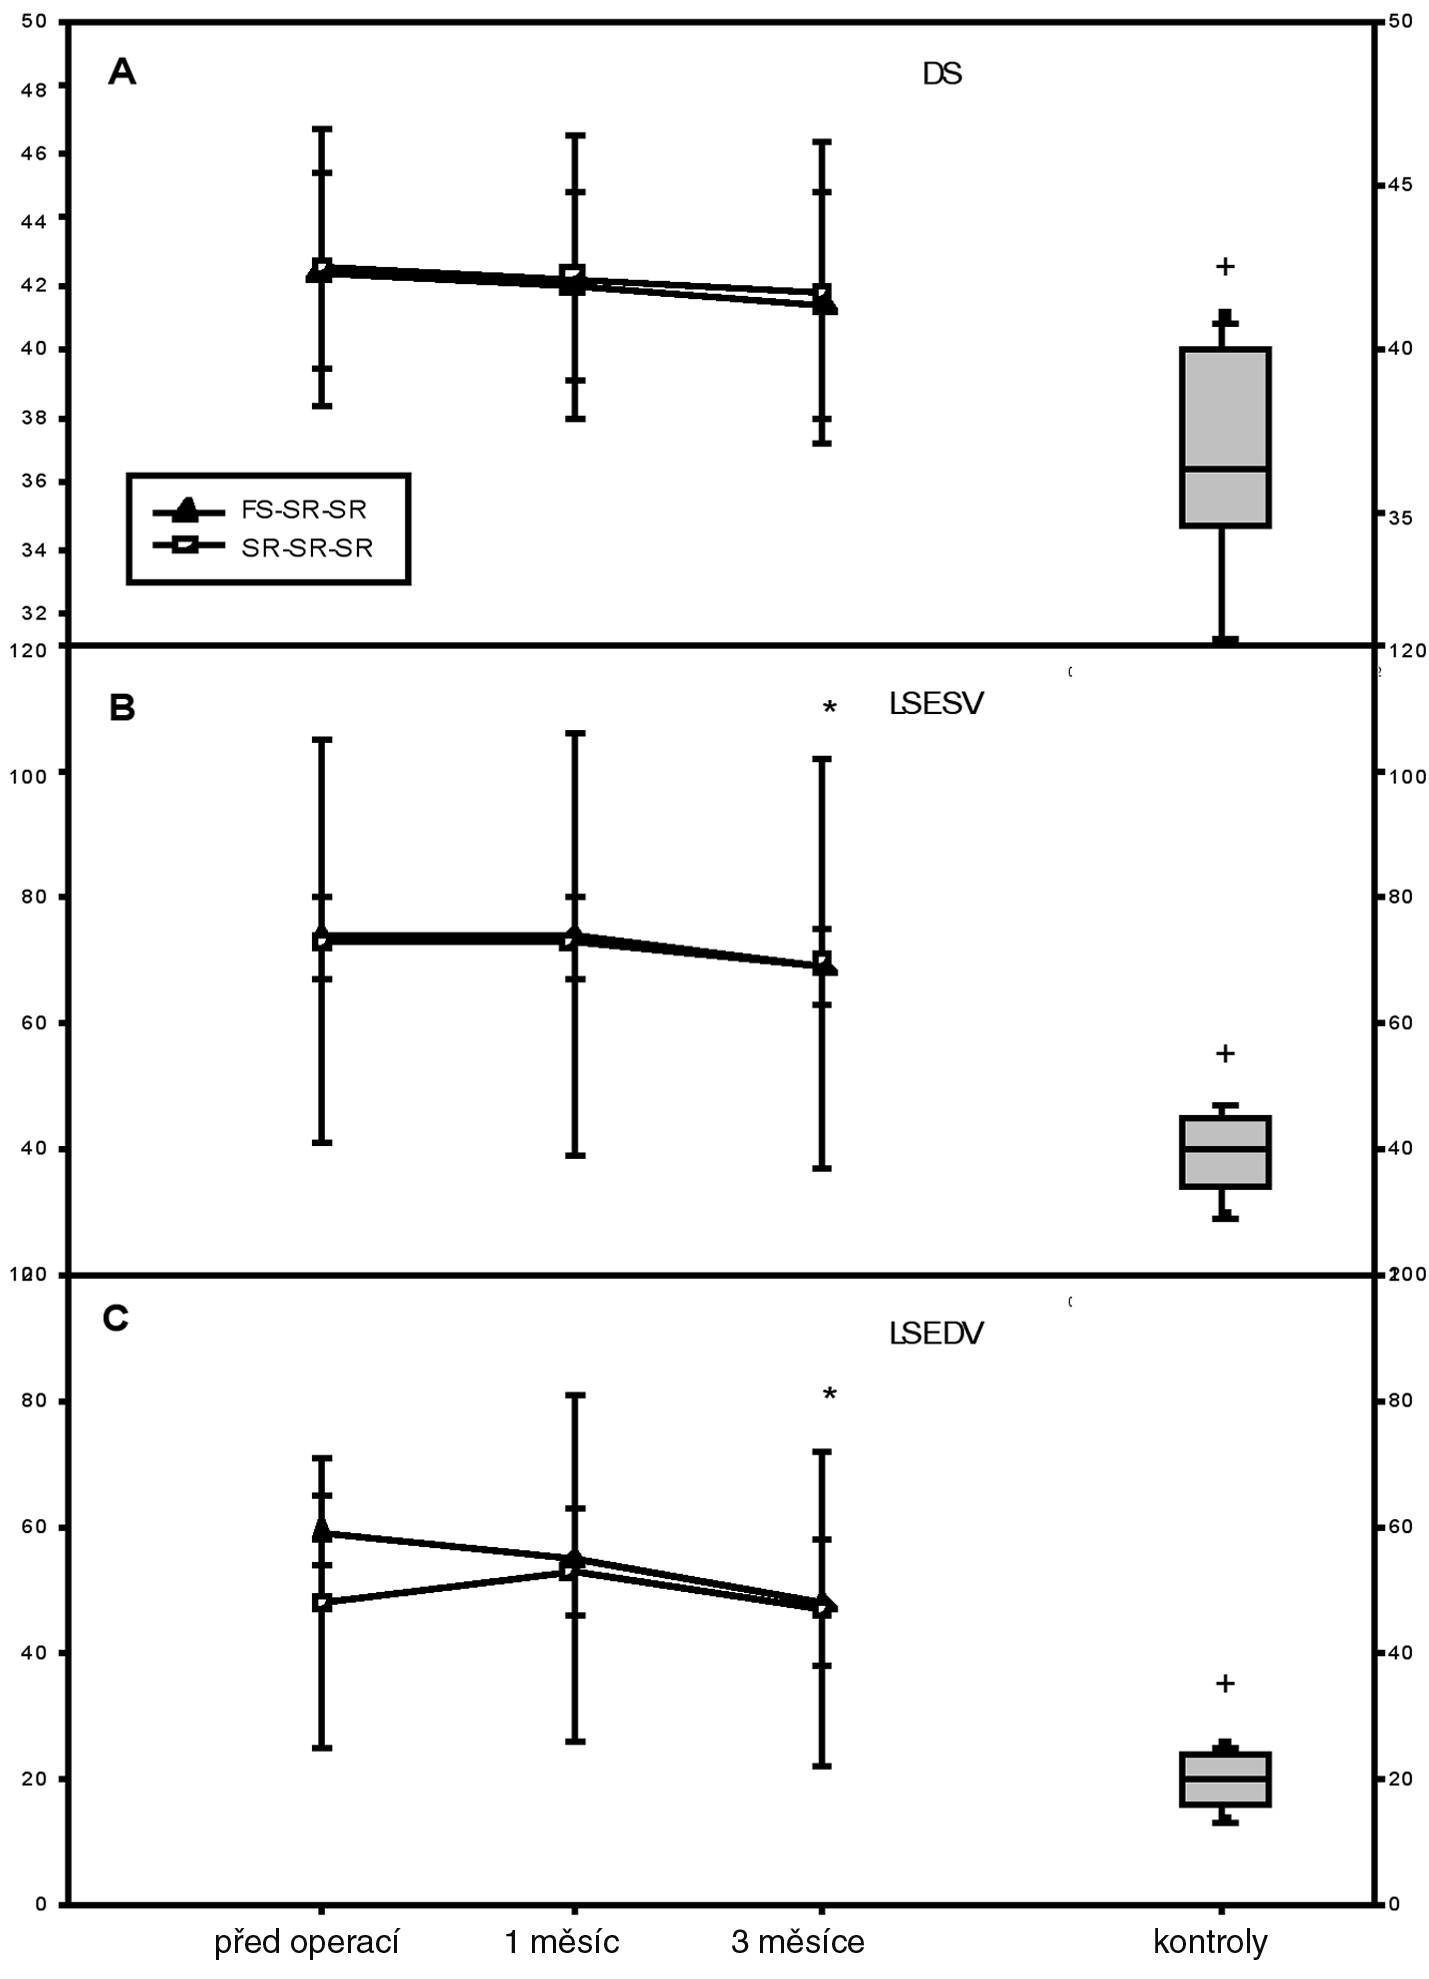 Průměr a objem levé síně Hodnoty u souboru operovaných pacientů jsou znázorněny jako průměr±standardní odchylka. Pro názornost jsou zobrazeny odděleně dvě skupiny pacientů: pacienti vstupně s FS černě vyplněným trojúhelníkem, pacienti vstupně se SR prázdným kolečkem. * p<0,05 při srovnání předoperačních hodnot s hodnotami v daném čase měření, statistika počítána pro celý soubor. + p<0,05 při srovnání hodnot kontrolního souboru zdravých jedinců s hodnotami souboru pacientů po úspěšné izolaci plicních žil za 3 měsíce po zákroku. Hodnoty u kontrolního souboru zdravých jedinců (kontrola) jsou znázorněny jako medián s 25-75. percentilem DS-průměr levé síně v end-systole, LSESV-maximální objem levé síně v komorové systole, LSEDV-maximální objem levé síně v komorové diastole.